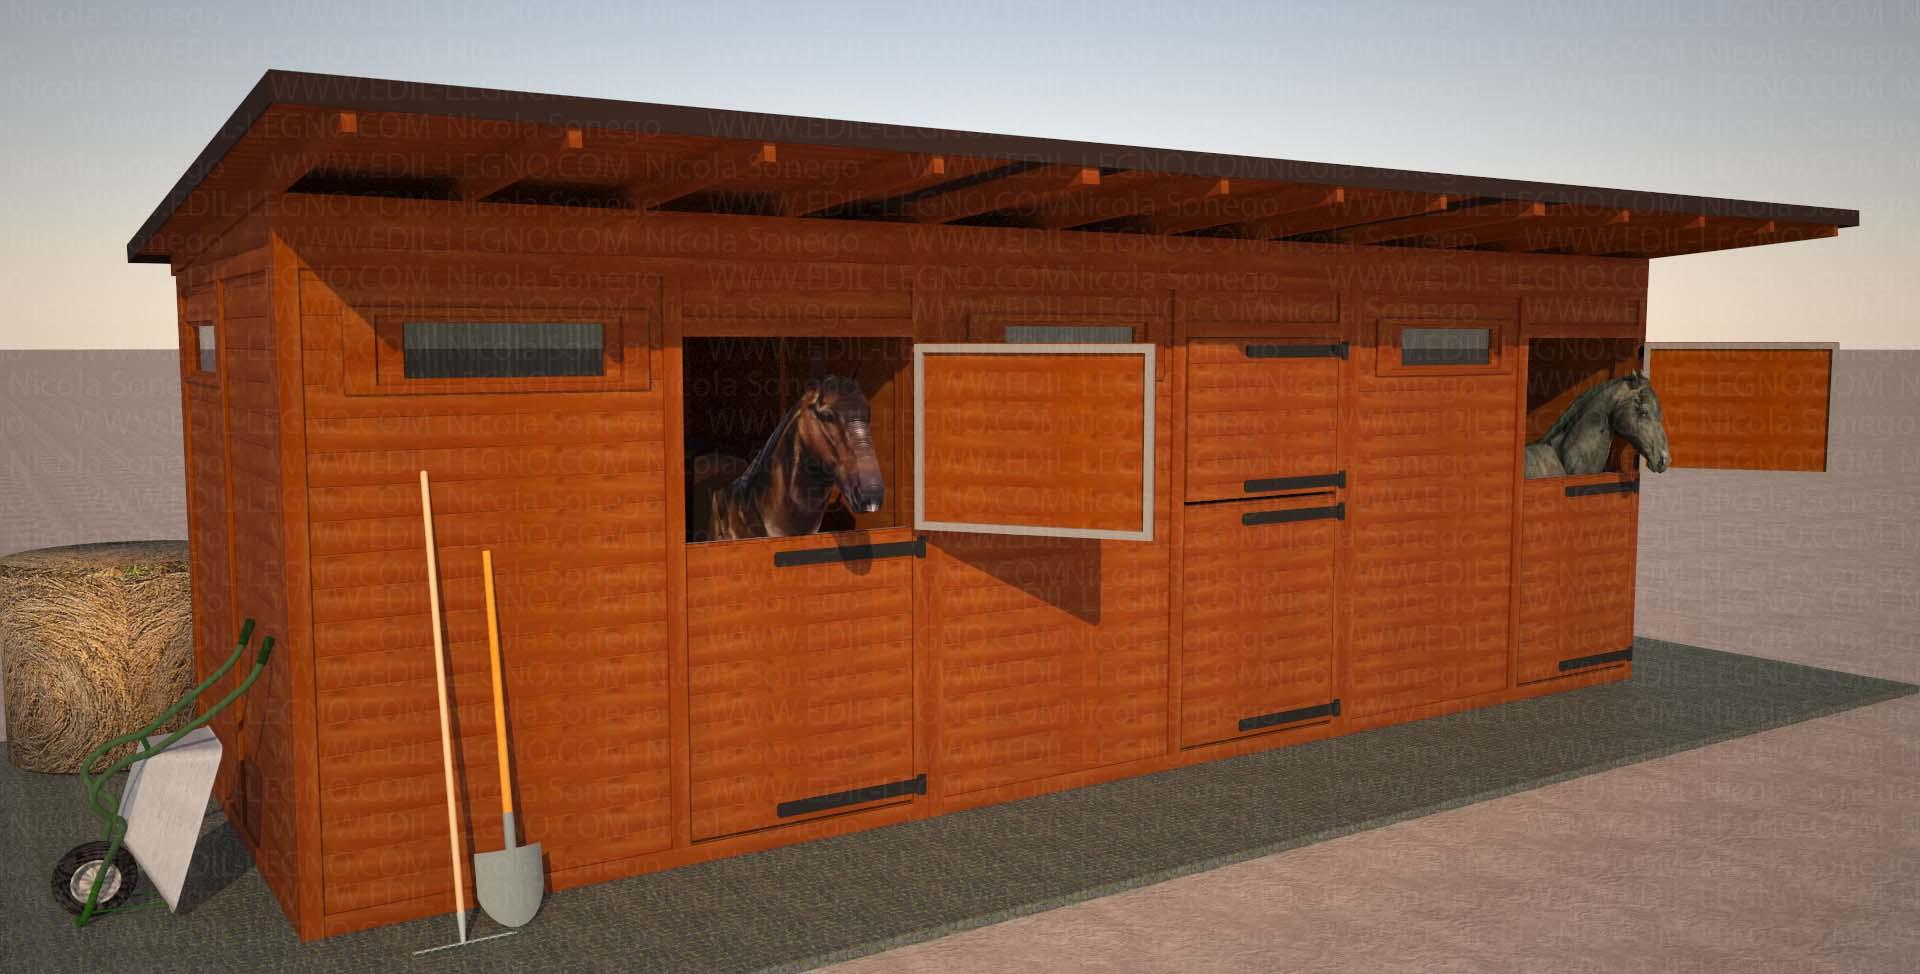 Casette da giardino in legno su misura edil legno for Box cavalli prefabbricati